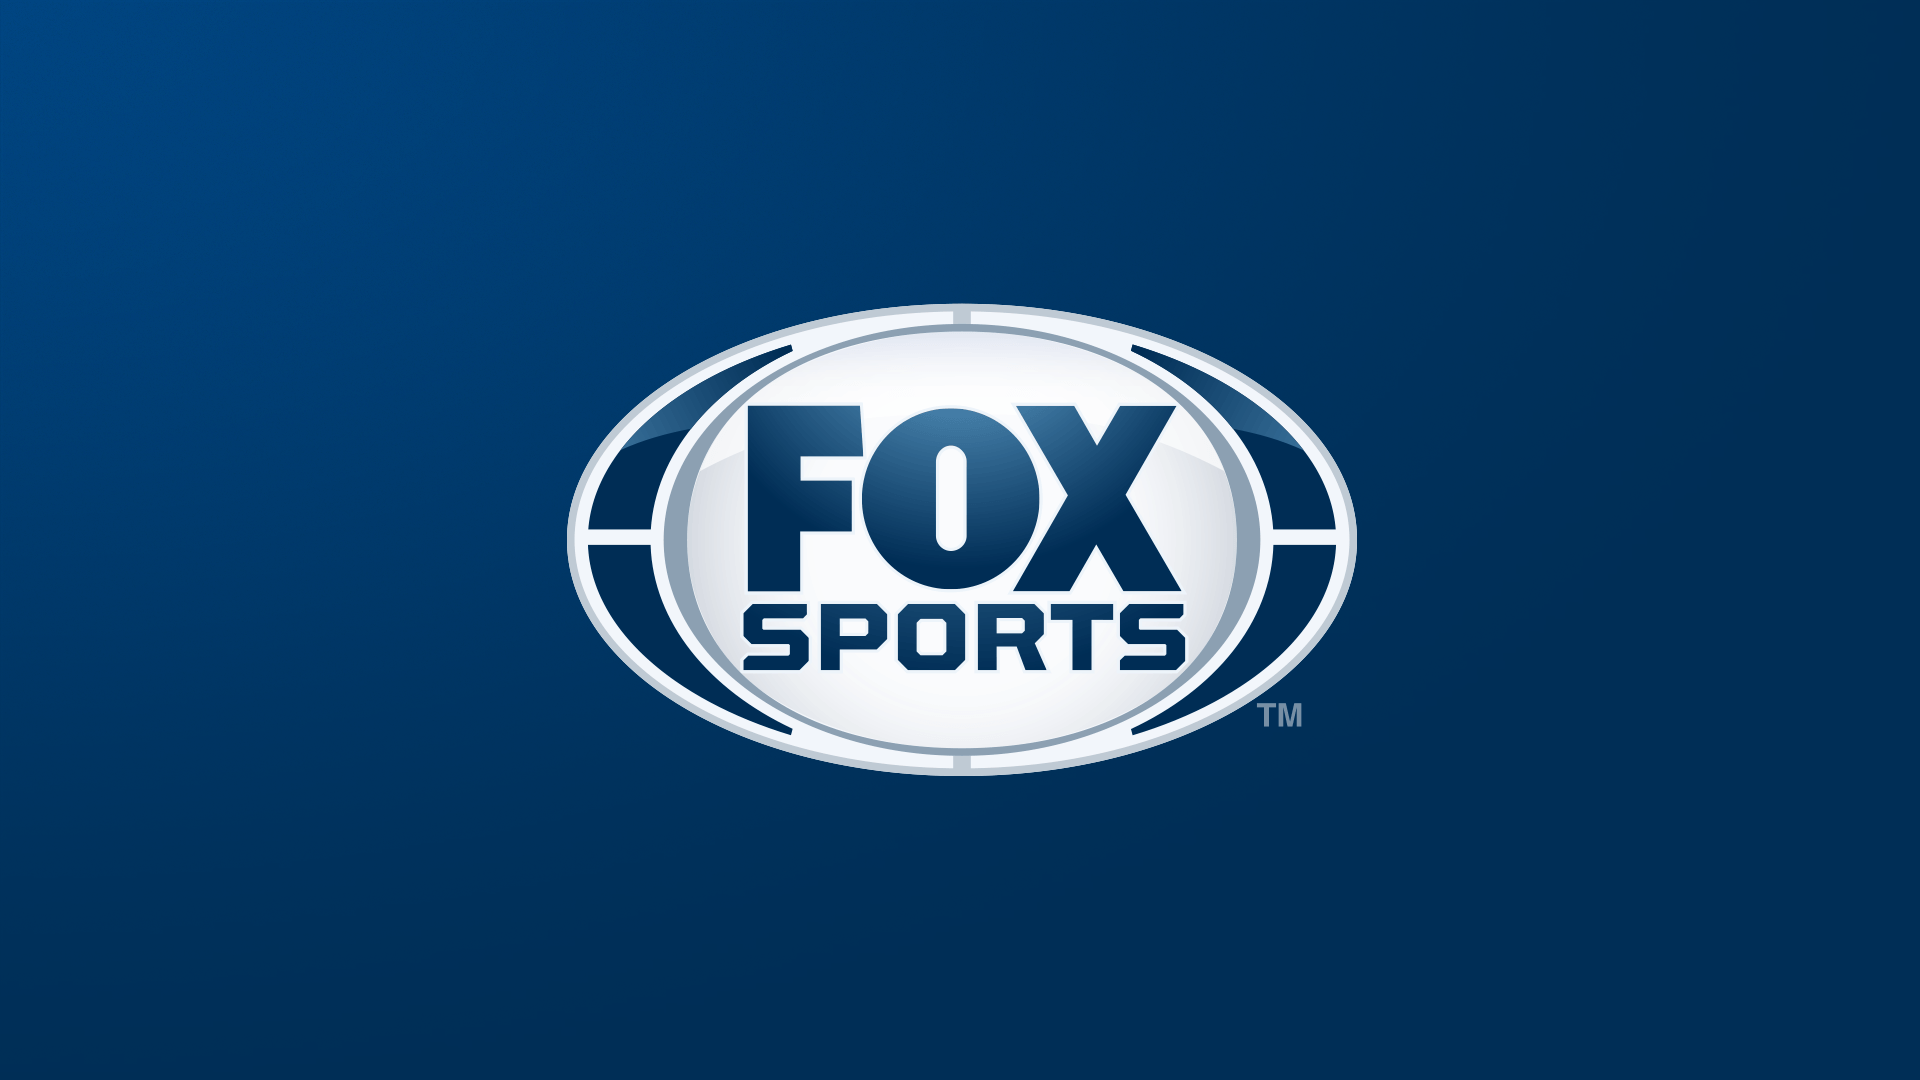 Cade oficializa que Disney terá de vender Fox Sports no Brasil